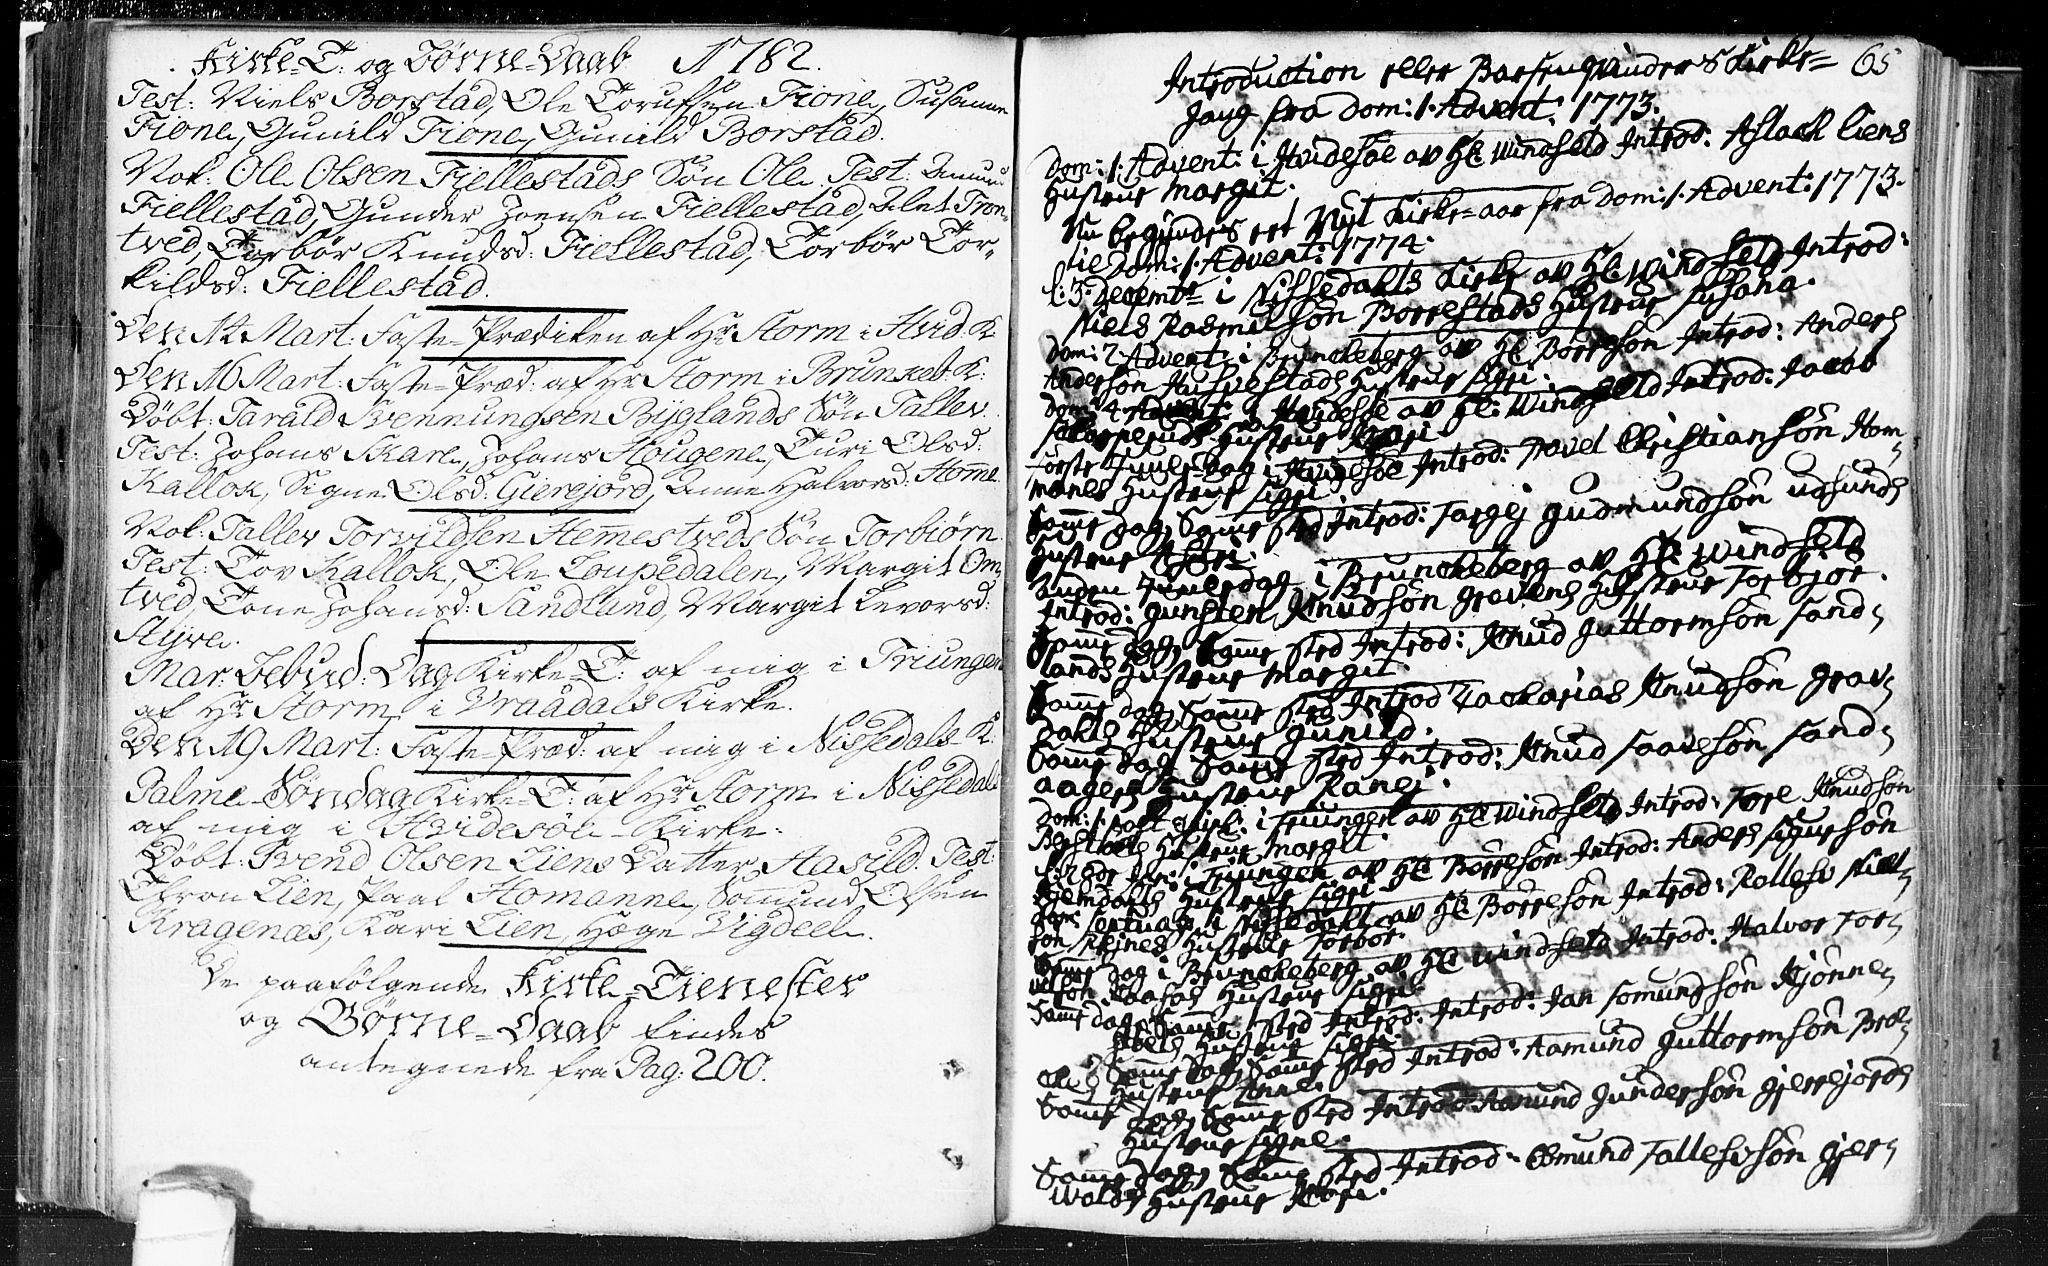 SAKO, Kviteseid kirkebøker, F/Fa/L0002: Ministerialbok nr. I 2, 1773-1786, s. 65